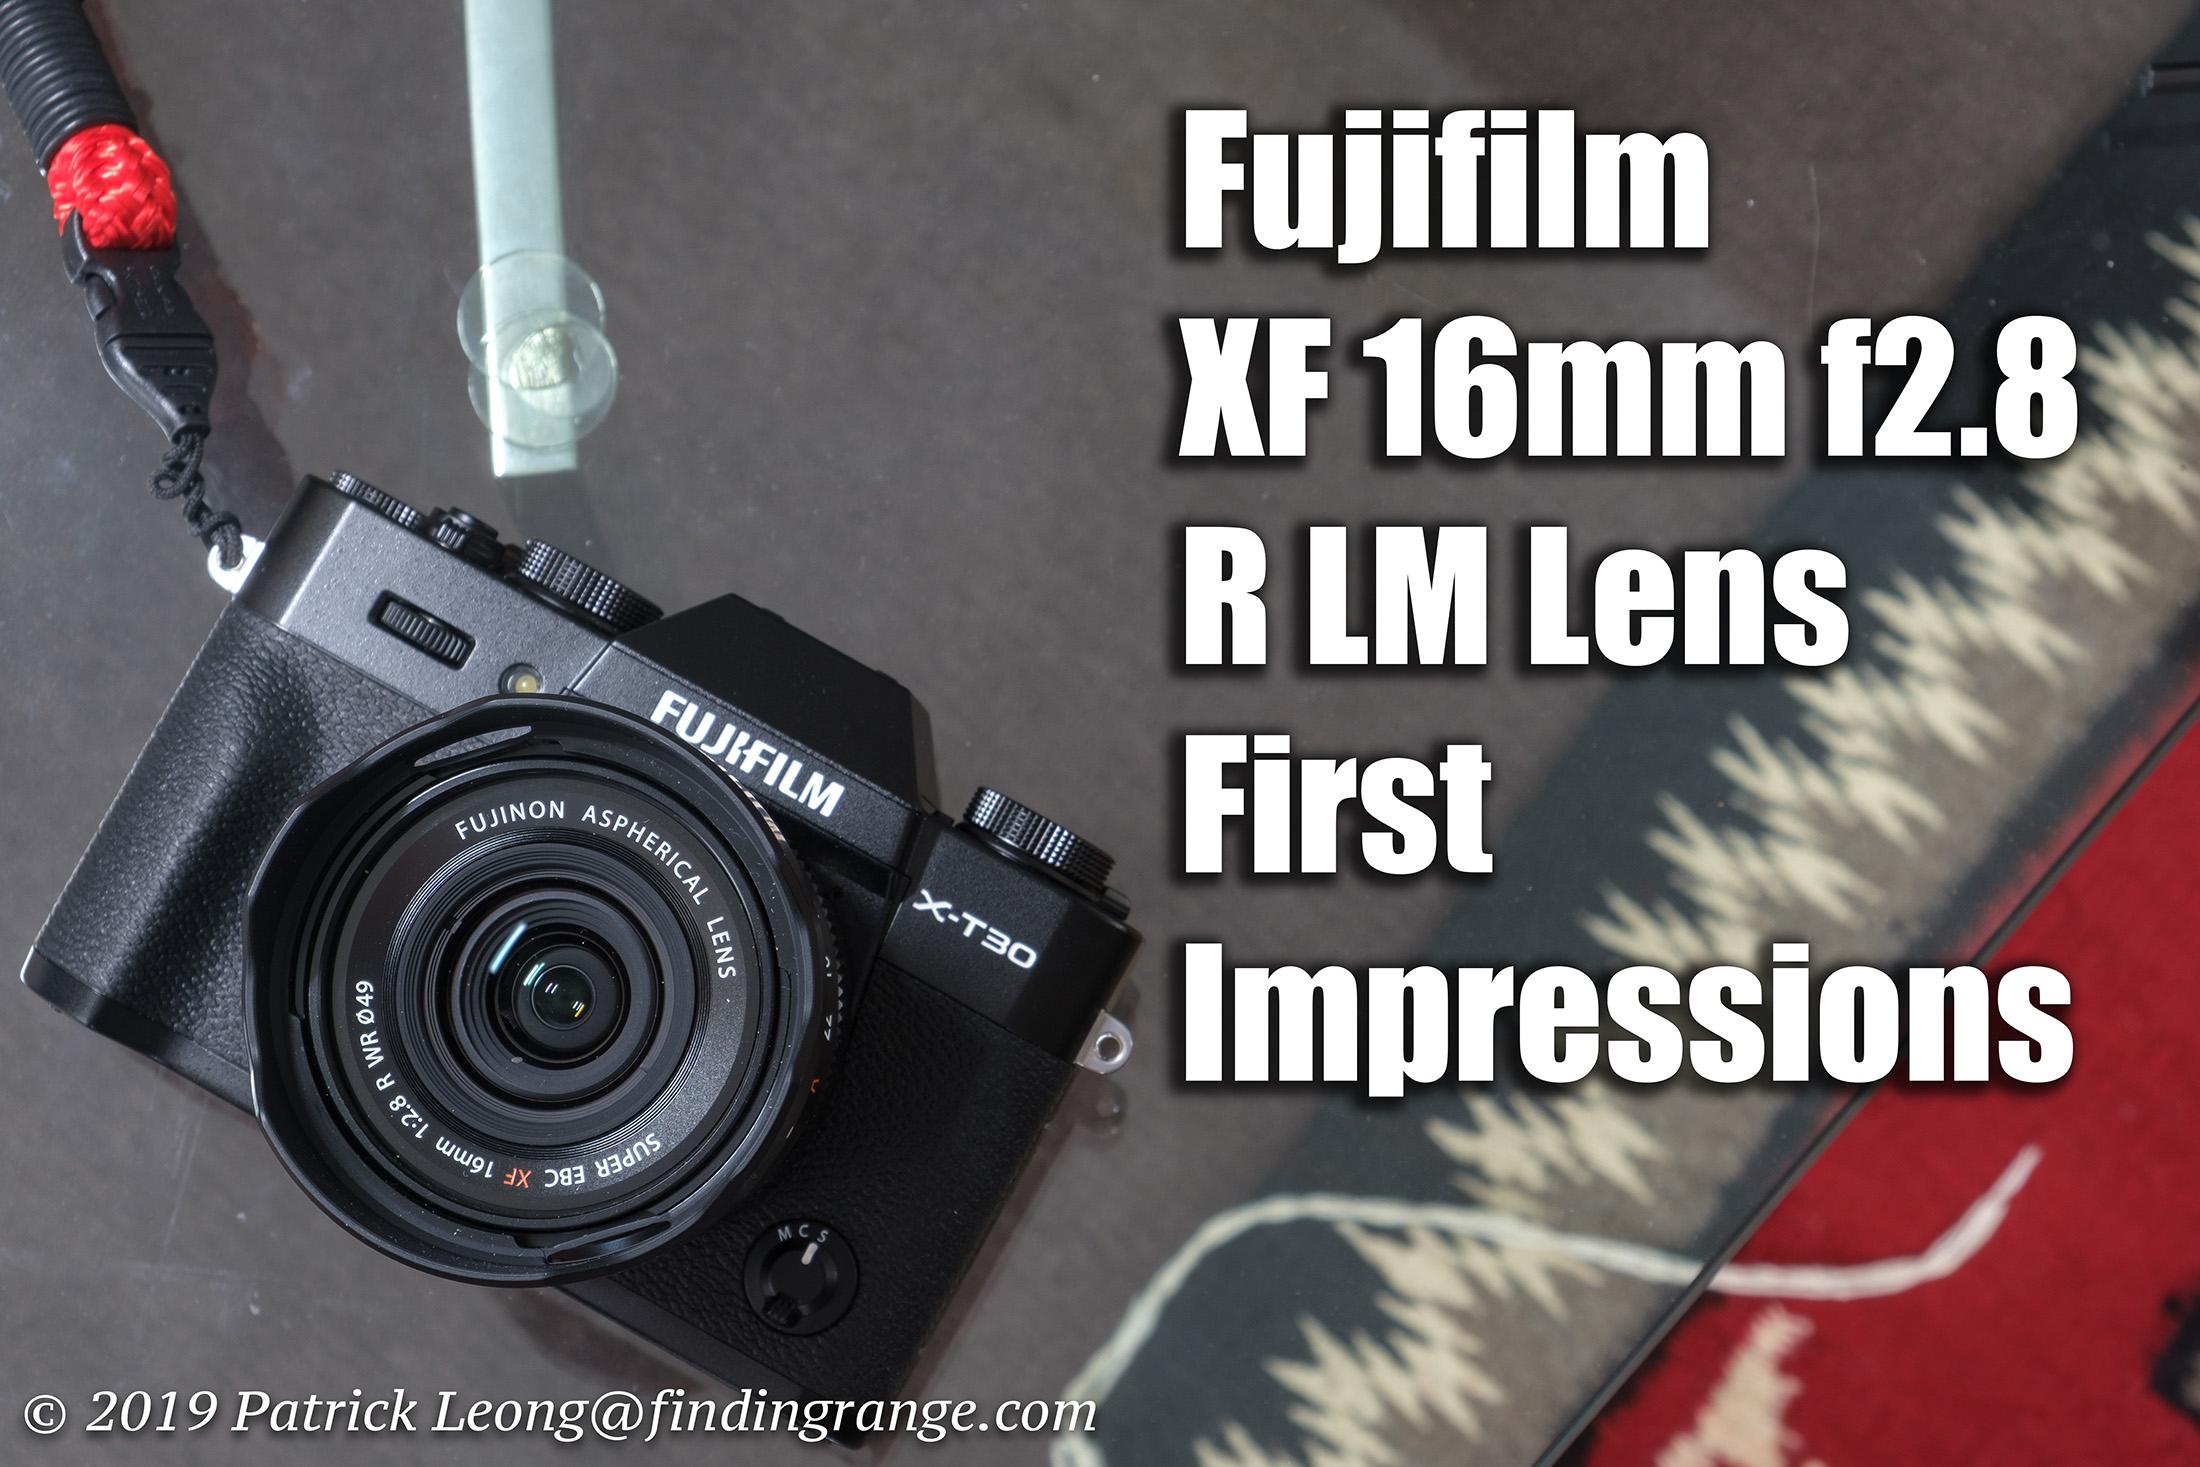 Fujifilm XF 16mm f2.8 R WR Lens First Impressions